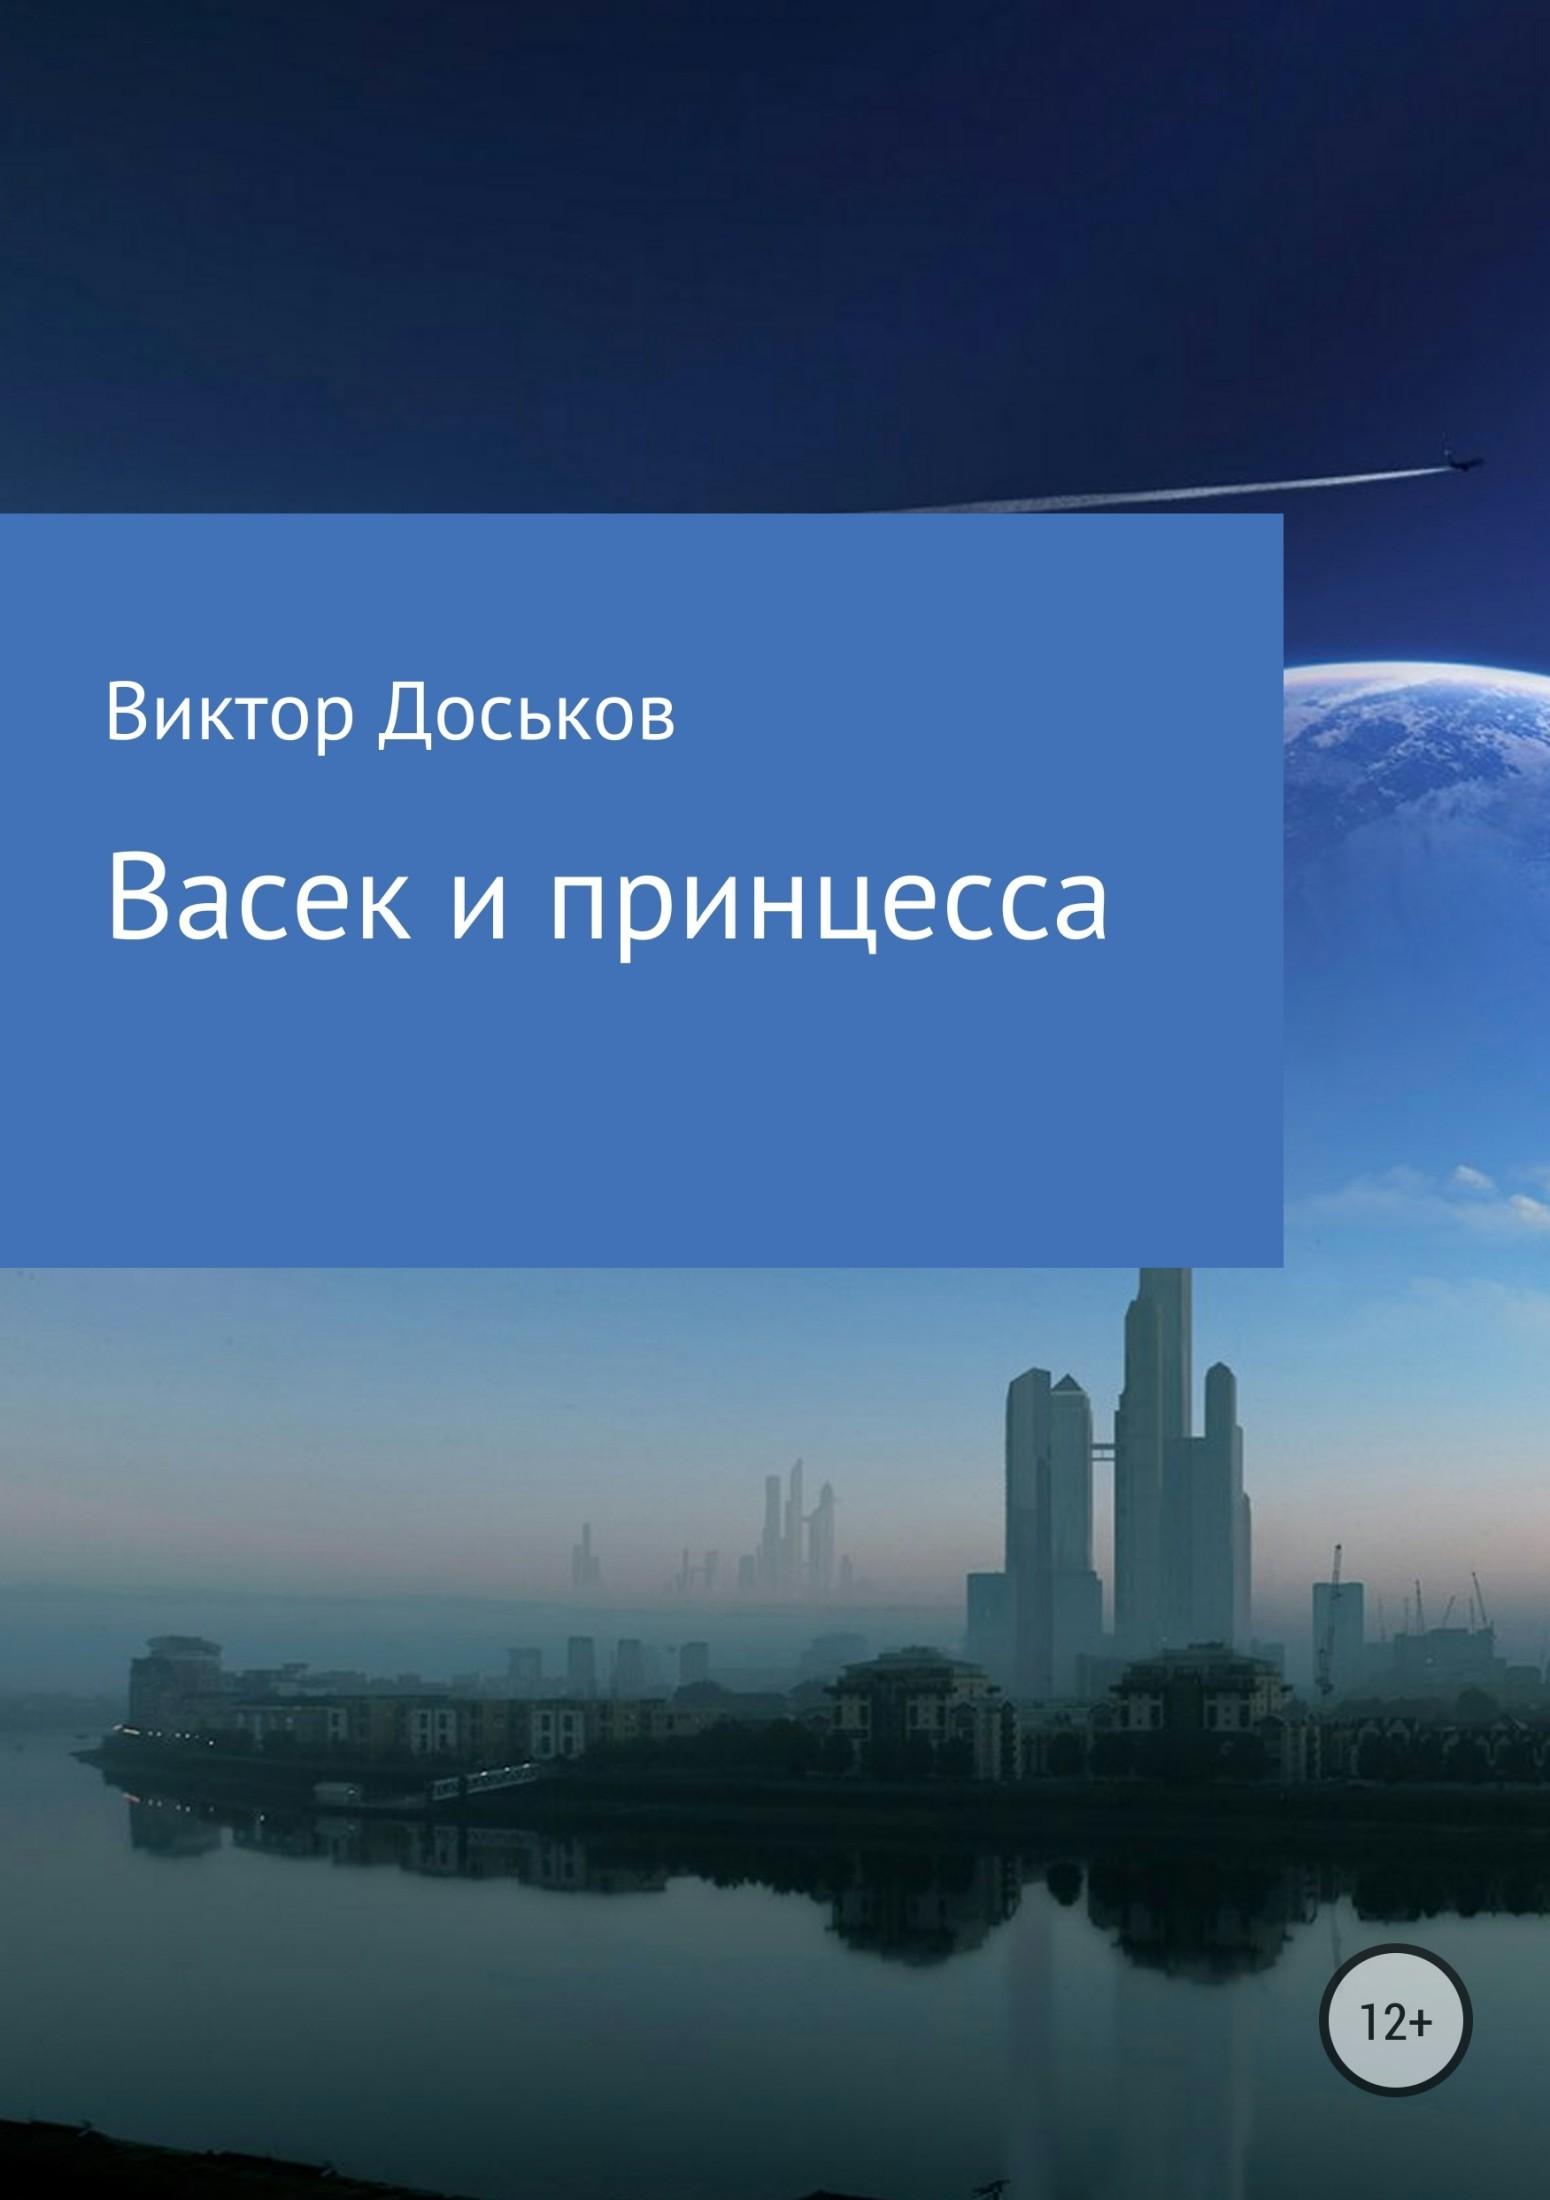 Виктор Николаевия Доськов. Васек и принцесса